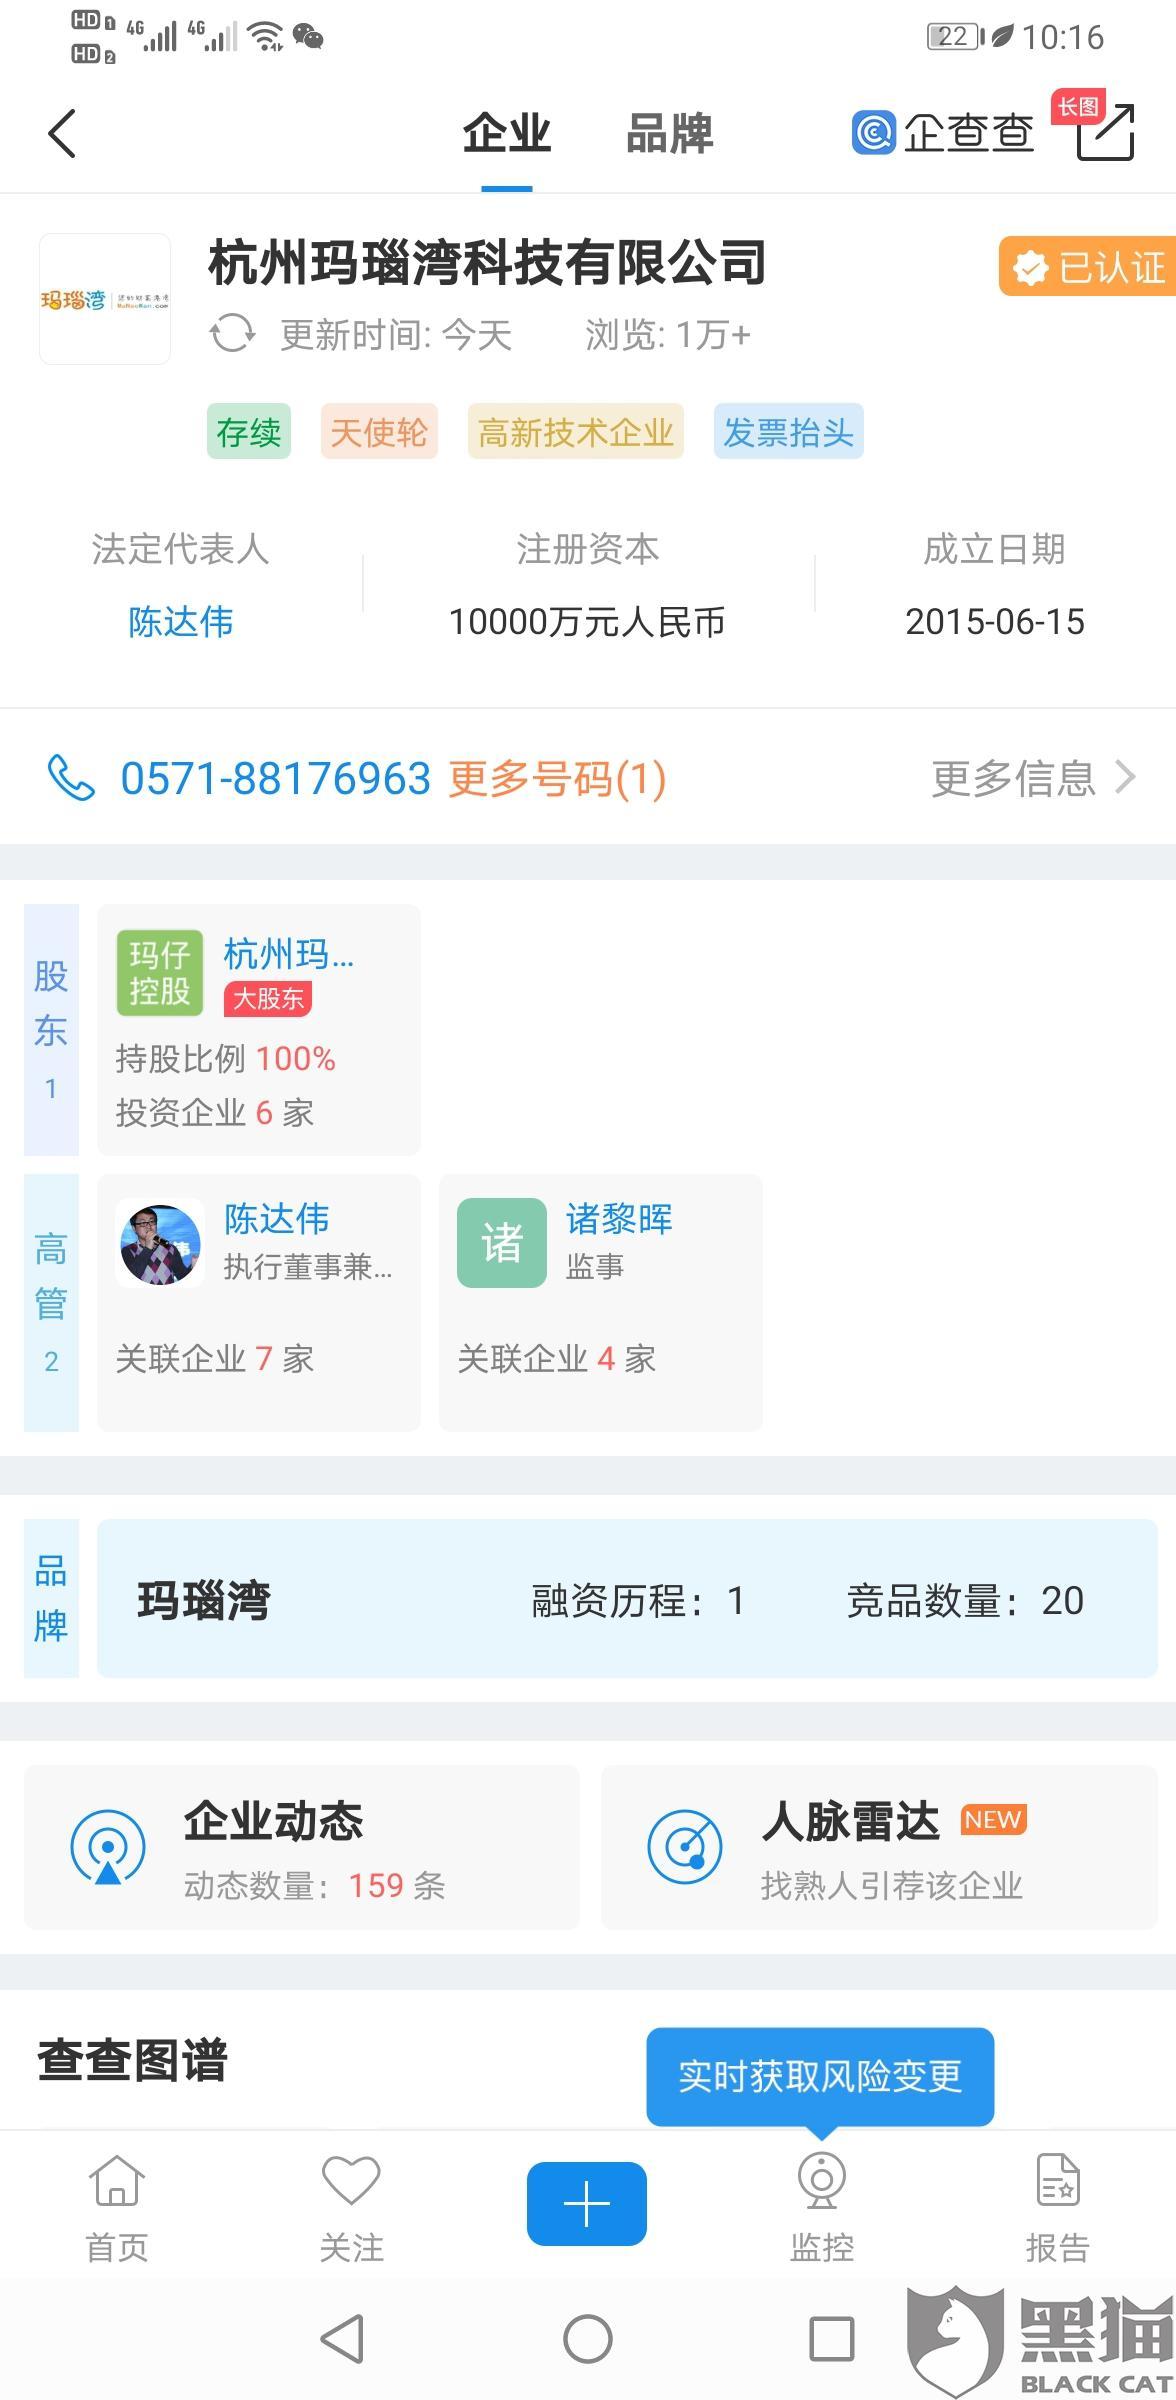 黑猫投诉:杭州玛瑙湾科技有限公司恶心扣费